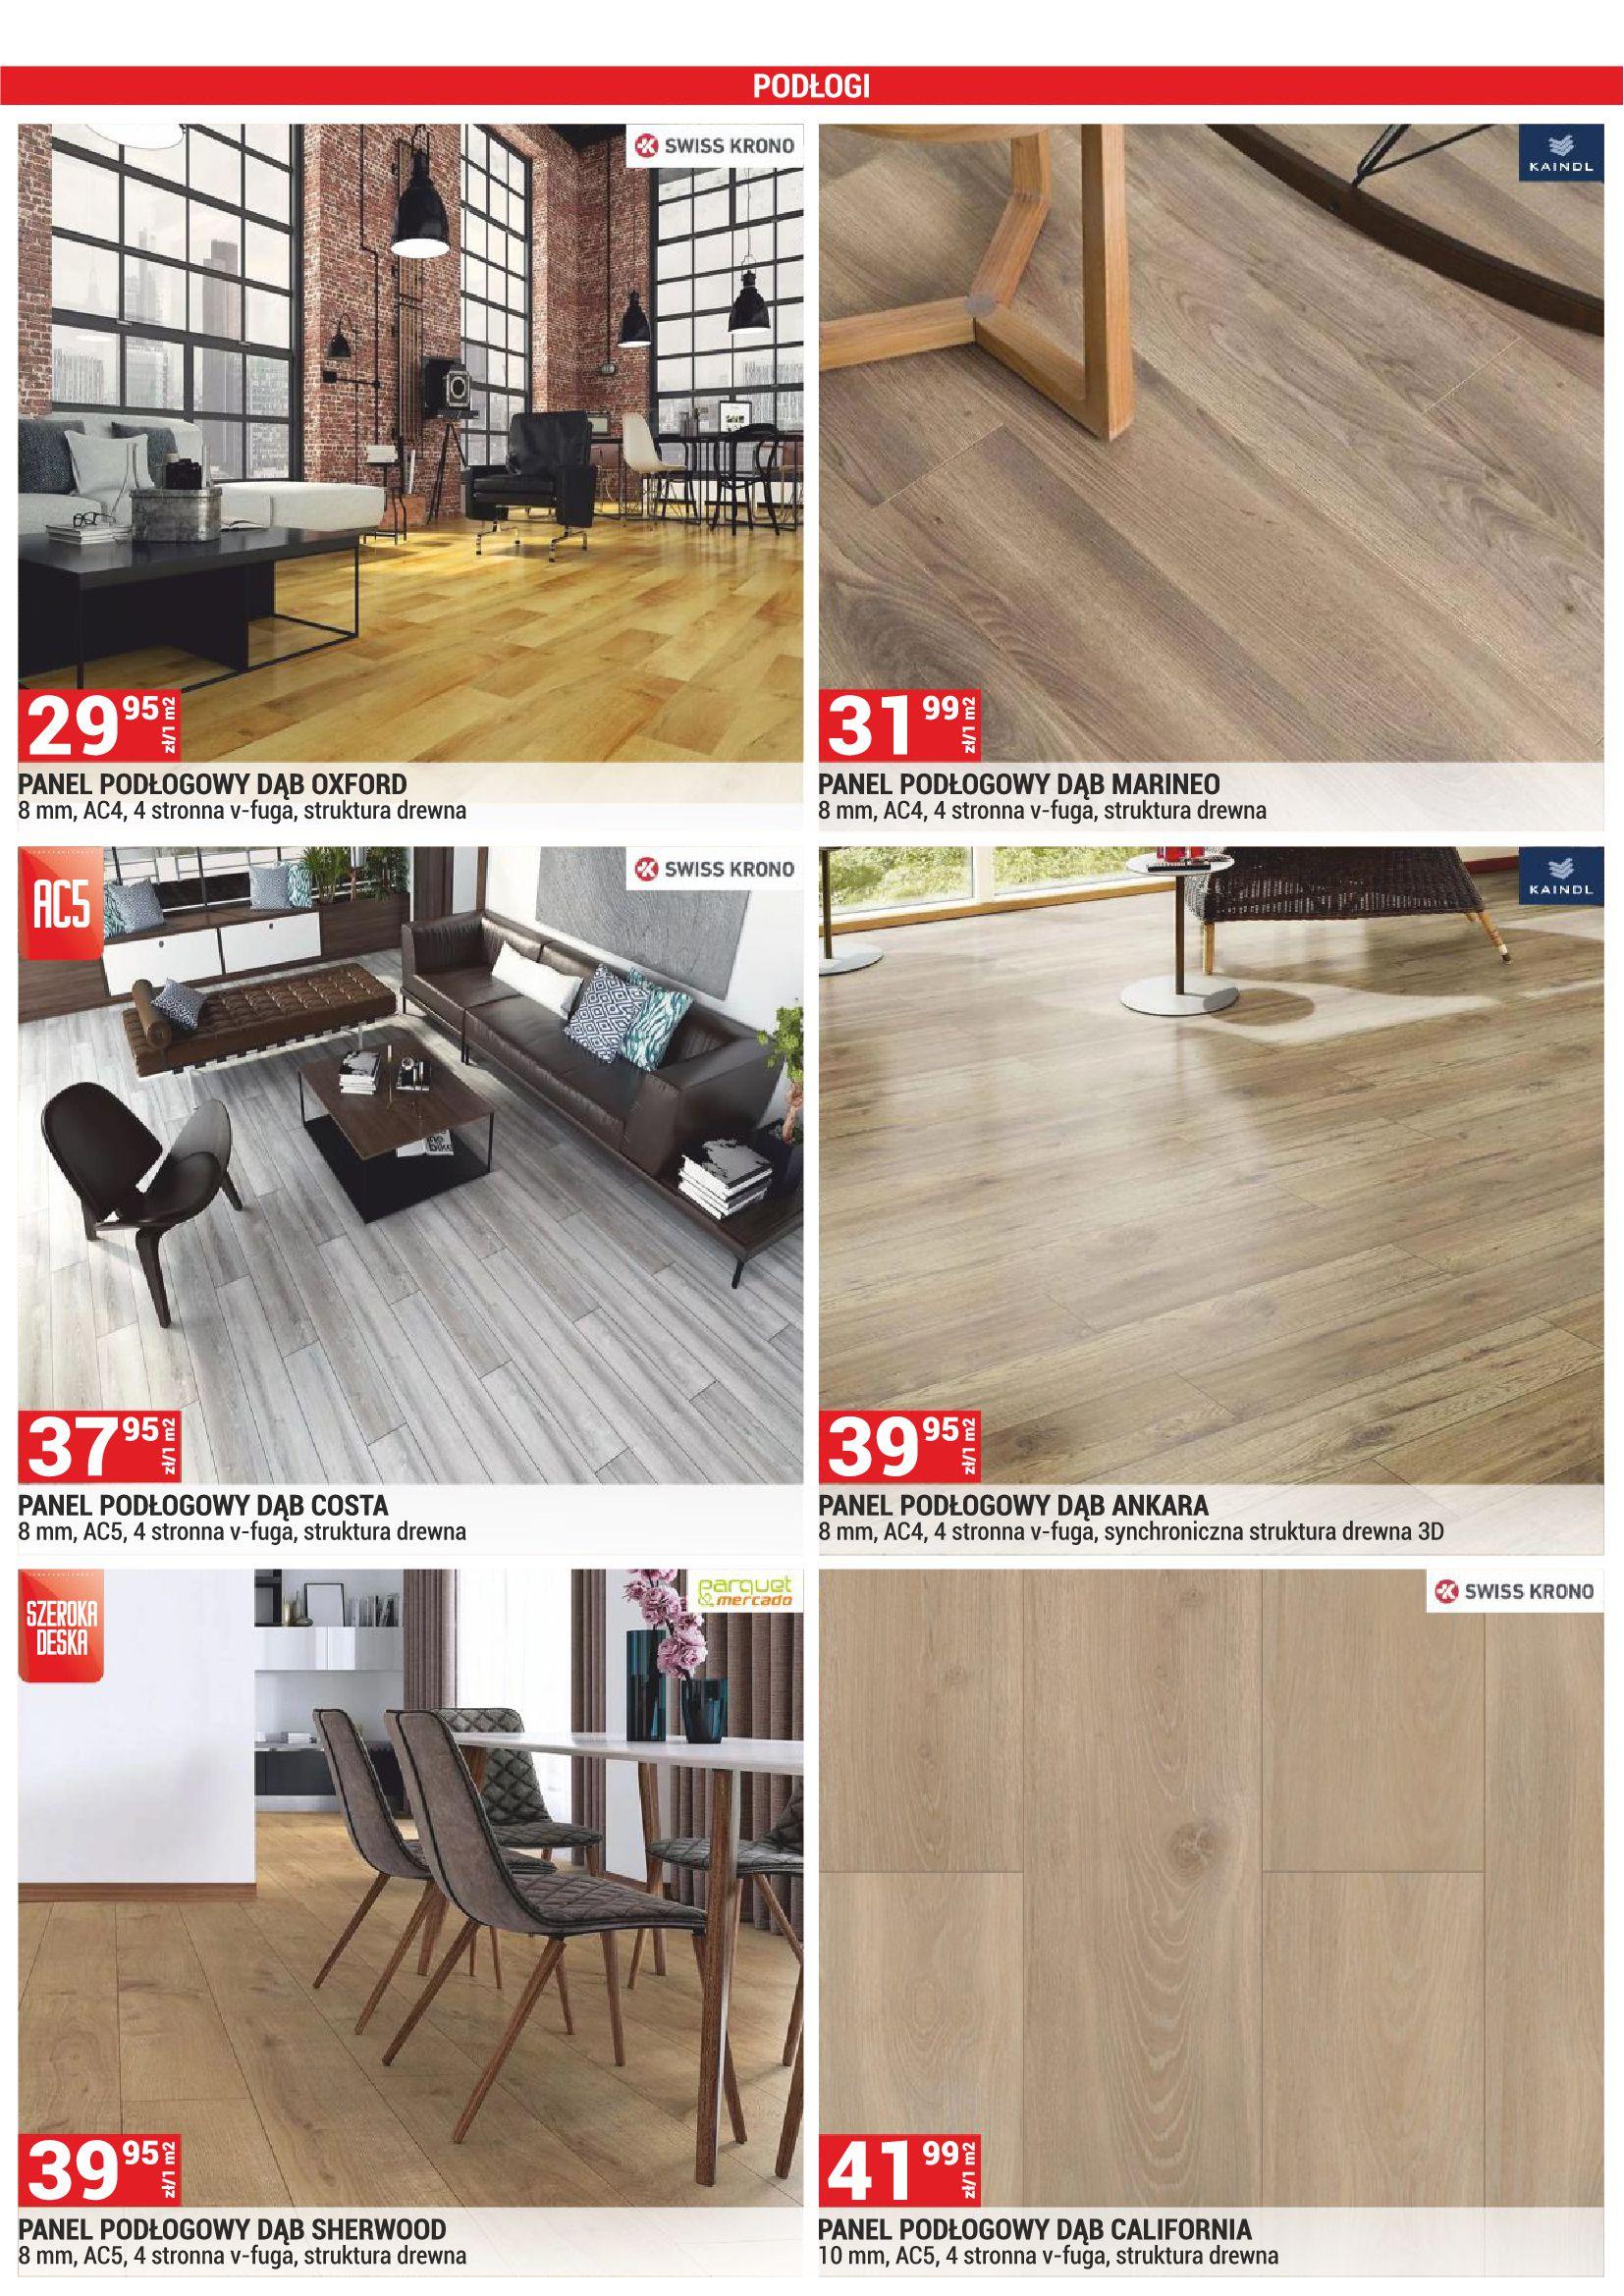 Gazetka Merkurymarket.pl: Gazetka promocyjna 2021-04-01 page-19